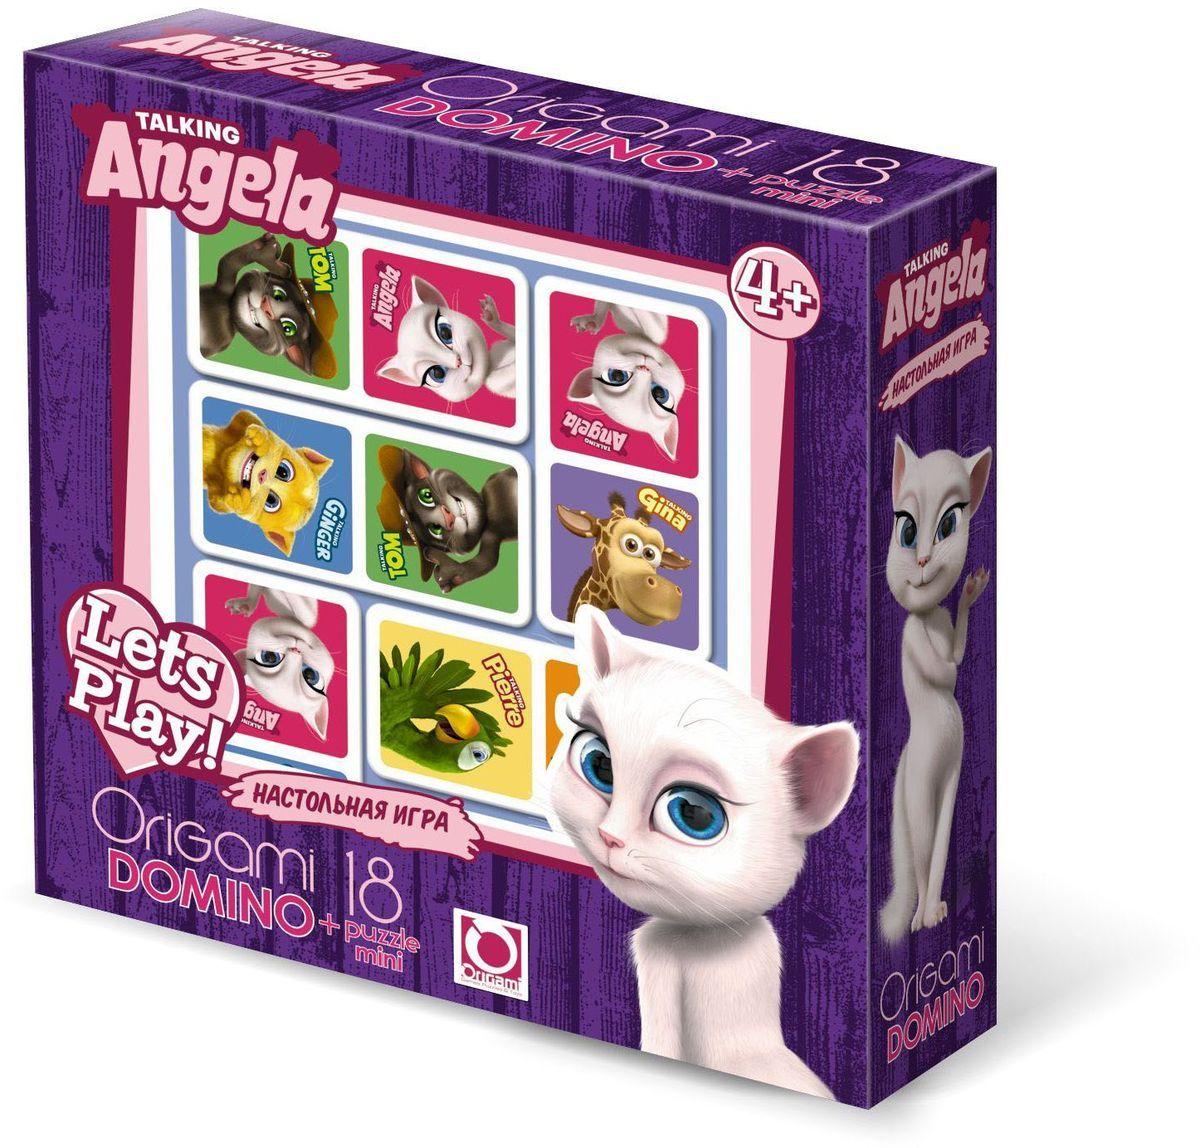 Оригами Обучающая игра Домино01009Настольная игра Домино -увлекательная и очень интересная игра , которая учит ребёнка думать, логически размышлять и анализировать. Игра направлена на развитие внимания, образного восприятия и зрительной памяти. А кото Том и его весёлые друзья сделают игру яркой и занимательной. Размер пазла 15,3х7,8 . Рекомендованный возраст46+